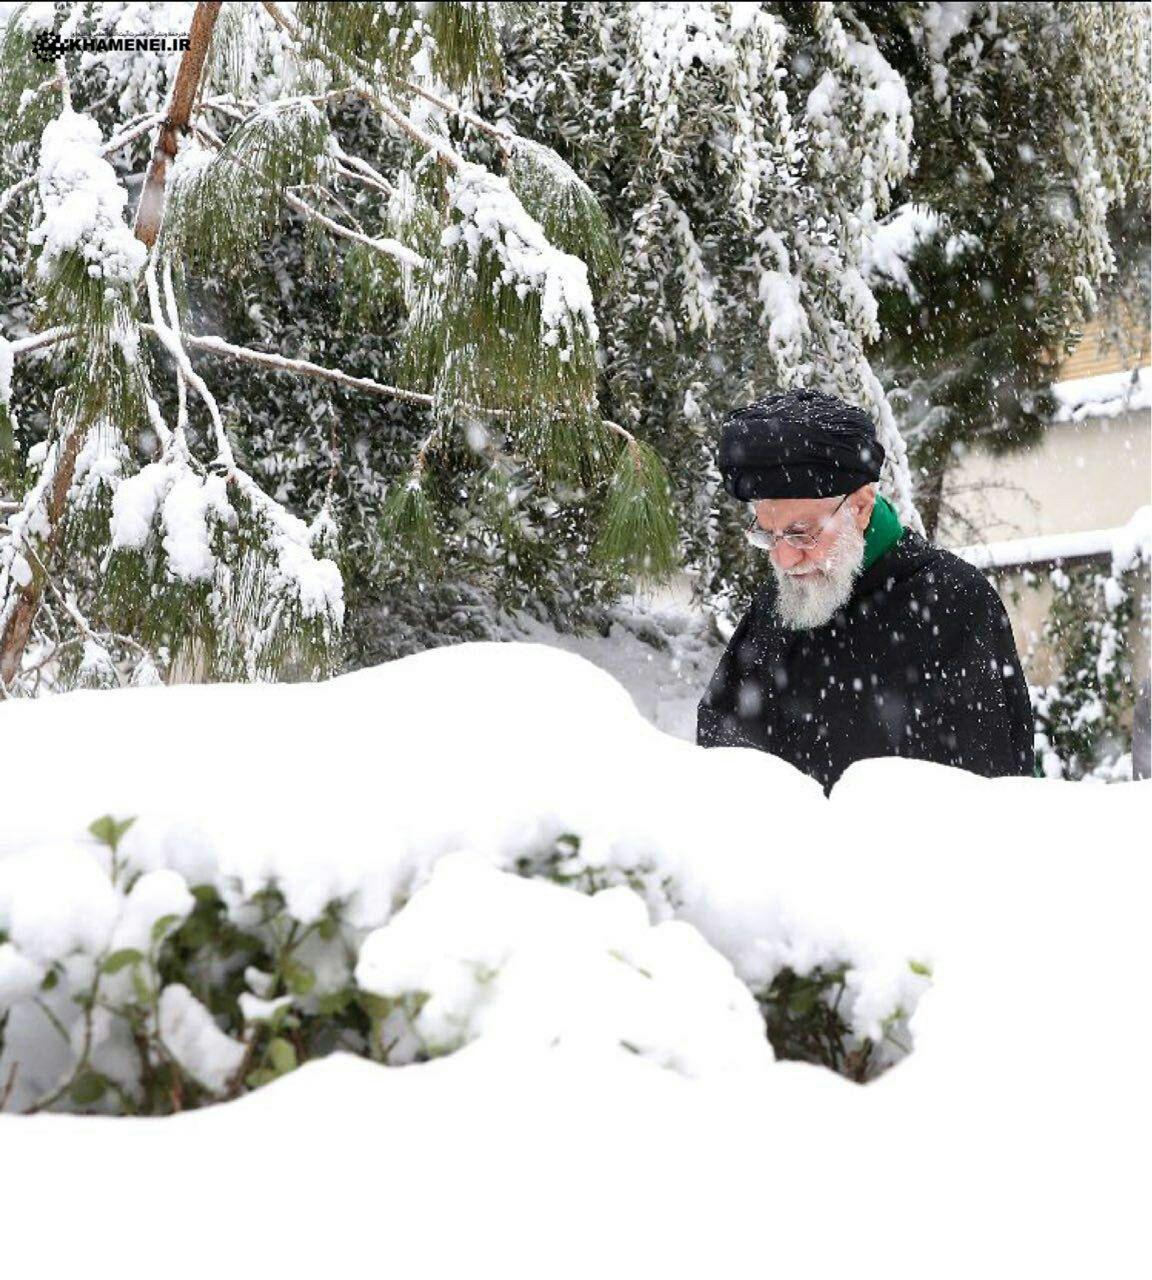 رهبر معظم انقلاب در برف امروز تهران + عکس